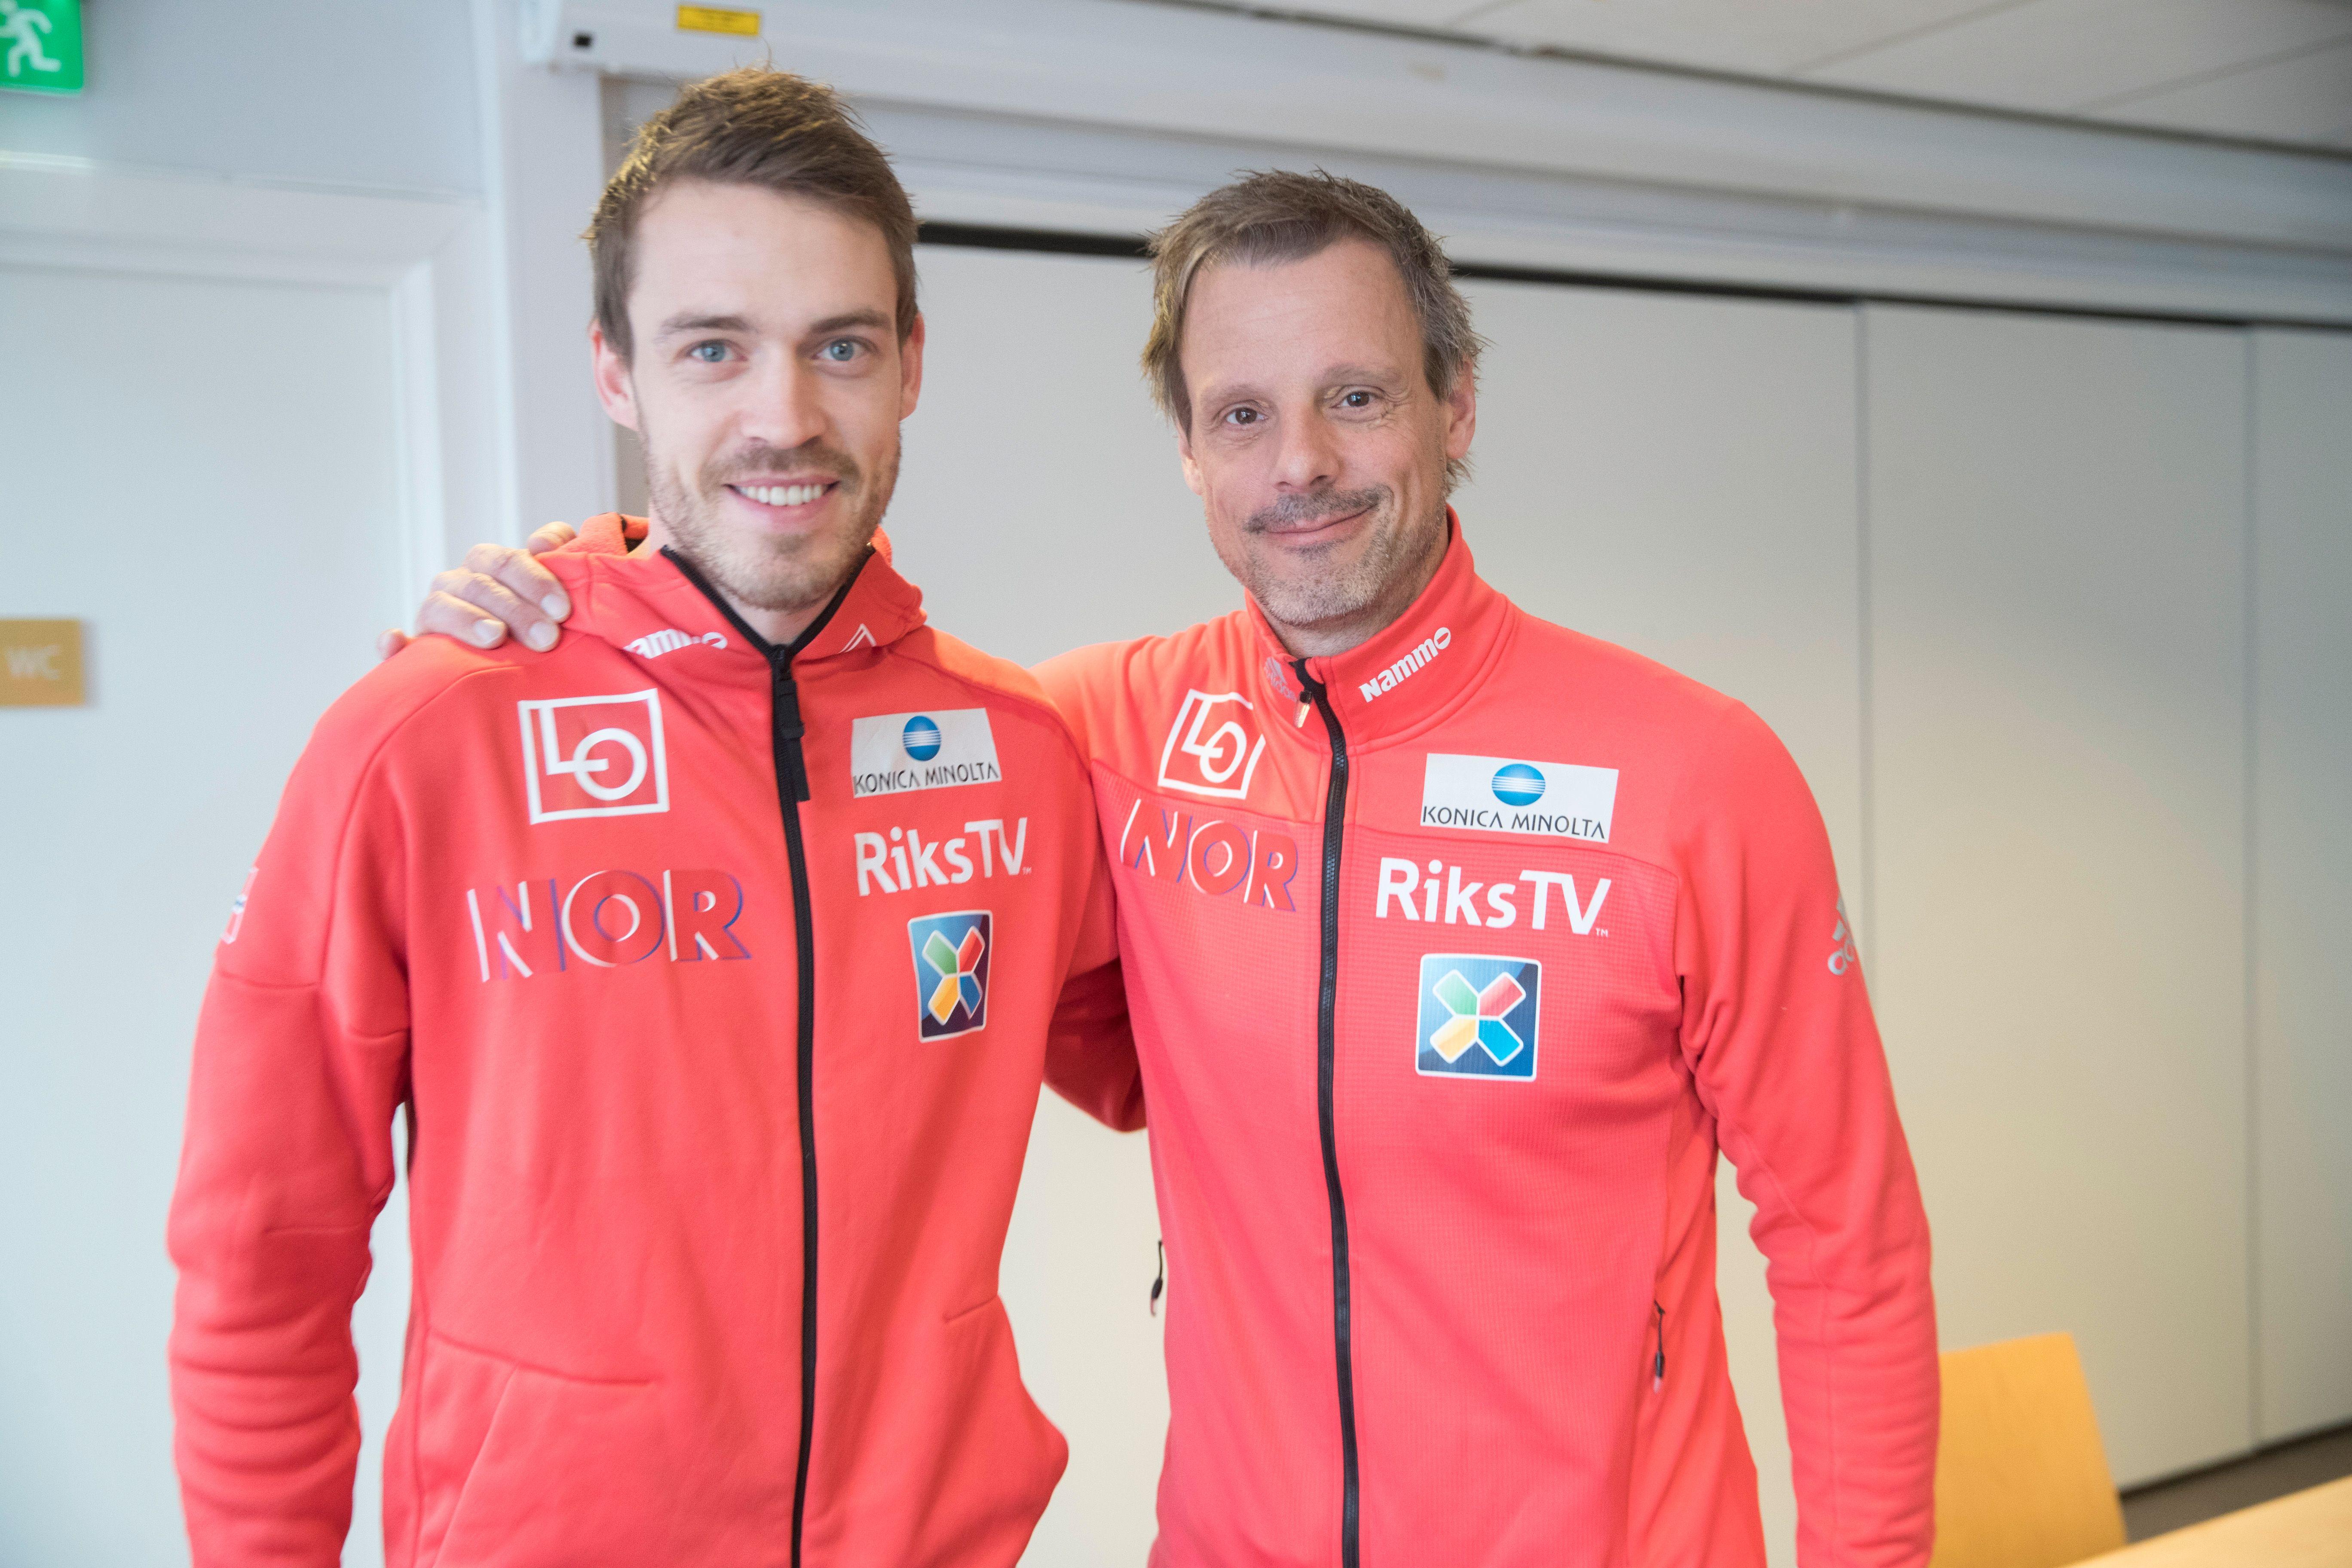 Det blir. De norske VM-håpene får lære av en av verdens beste nasjoner.